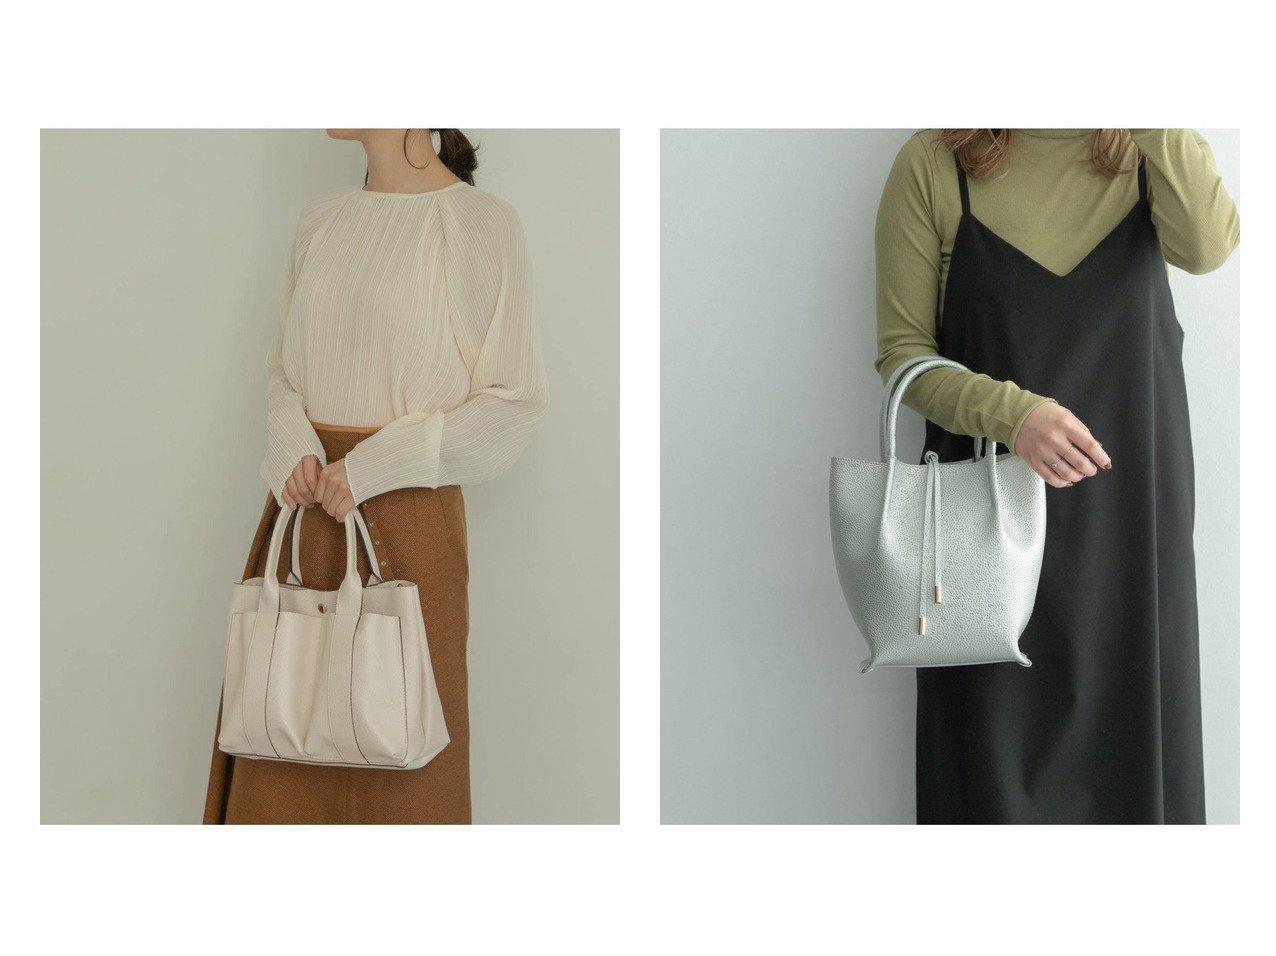 【RODE SKO/ロデスコ】のMIINA ダブルポケットトート&ADORA プチストリング付トートバッグ バッグ・鞄のおすすめ!人気、トレンド・レディースファッションの通販  おすすめで人気の流行・トレンド、ファッションの通販商品 メンズファッション・キッズファッション・インテリア・家具・レディースファッション・服の通販 founy(ファニー) https://founy.com/ ファッション Fashion レディースファッション WOMEN バッグ Bag NEW・新作・新着・新入荷 New Arrivals シンプル スマート ポケット ポーチ コンパクト ストリング |ID:crp329100000009912